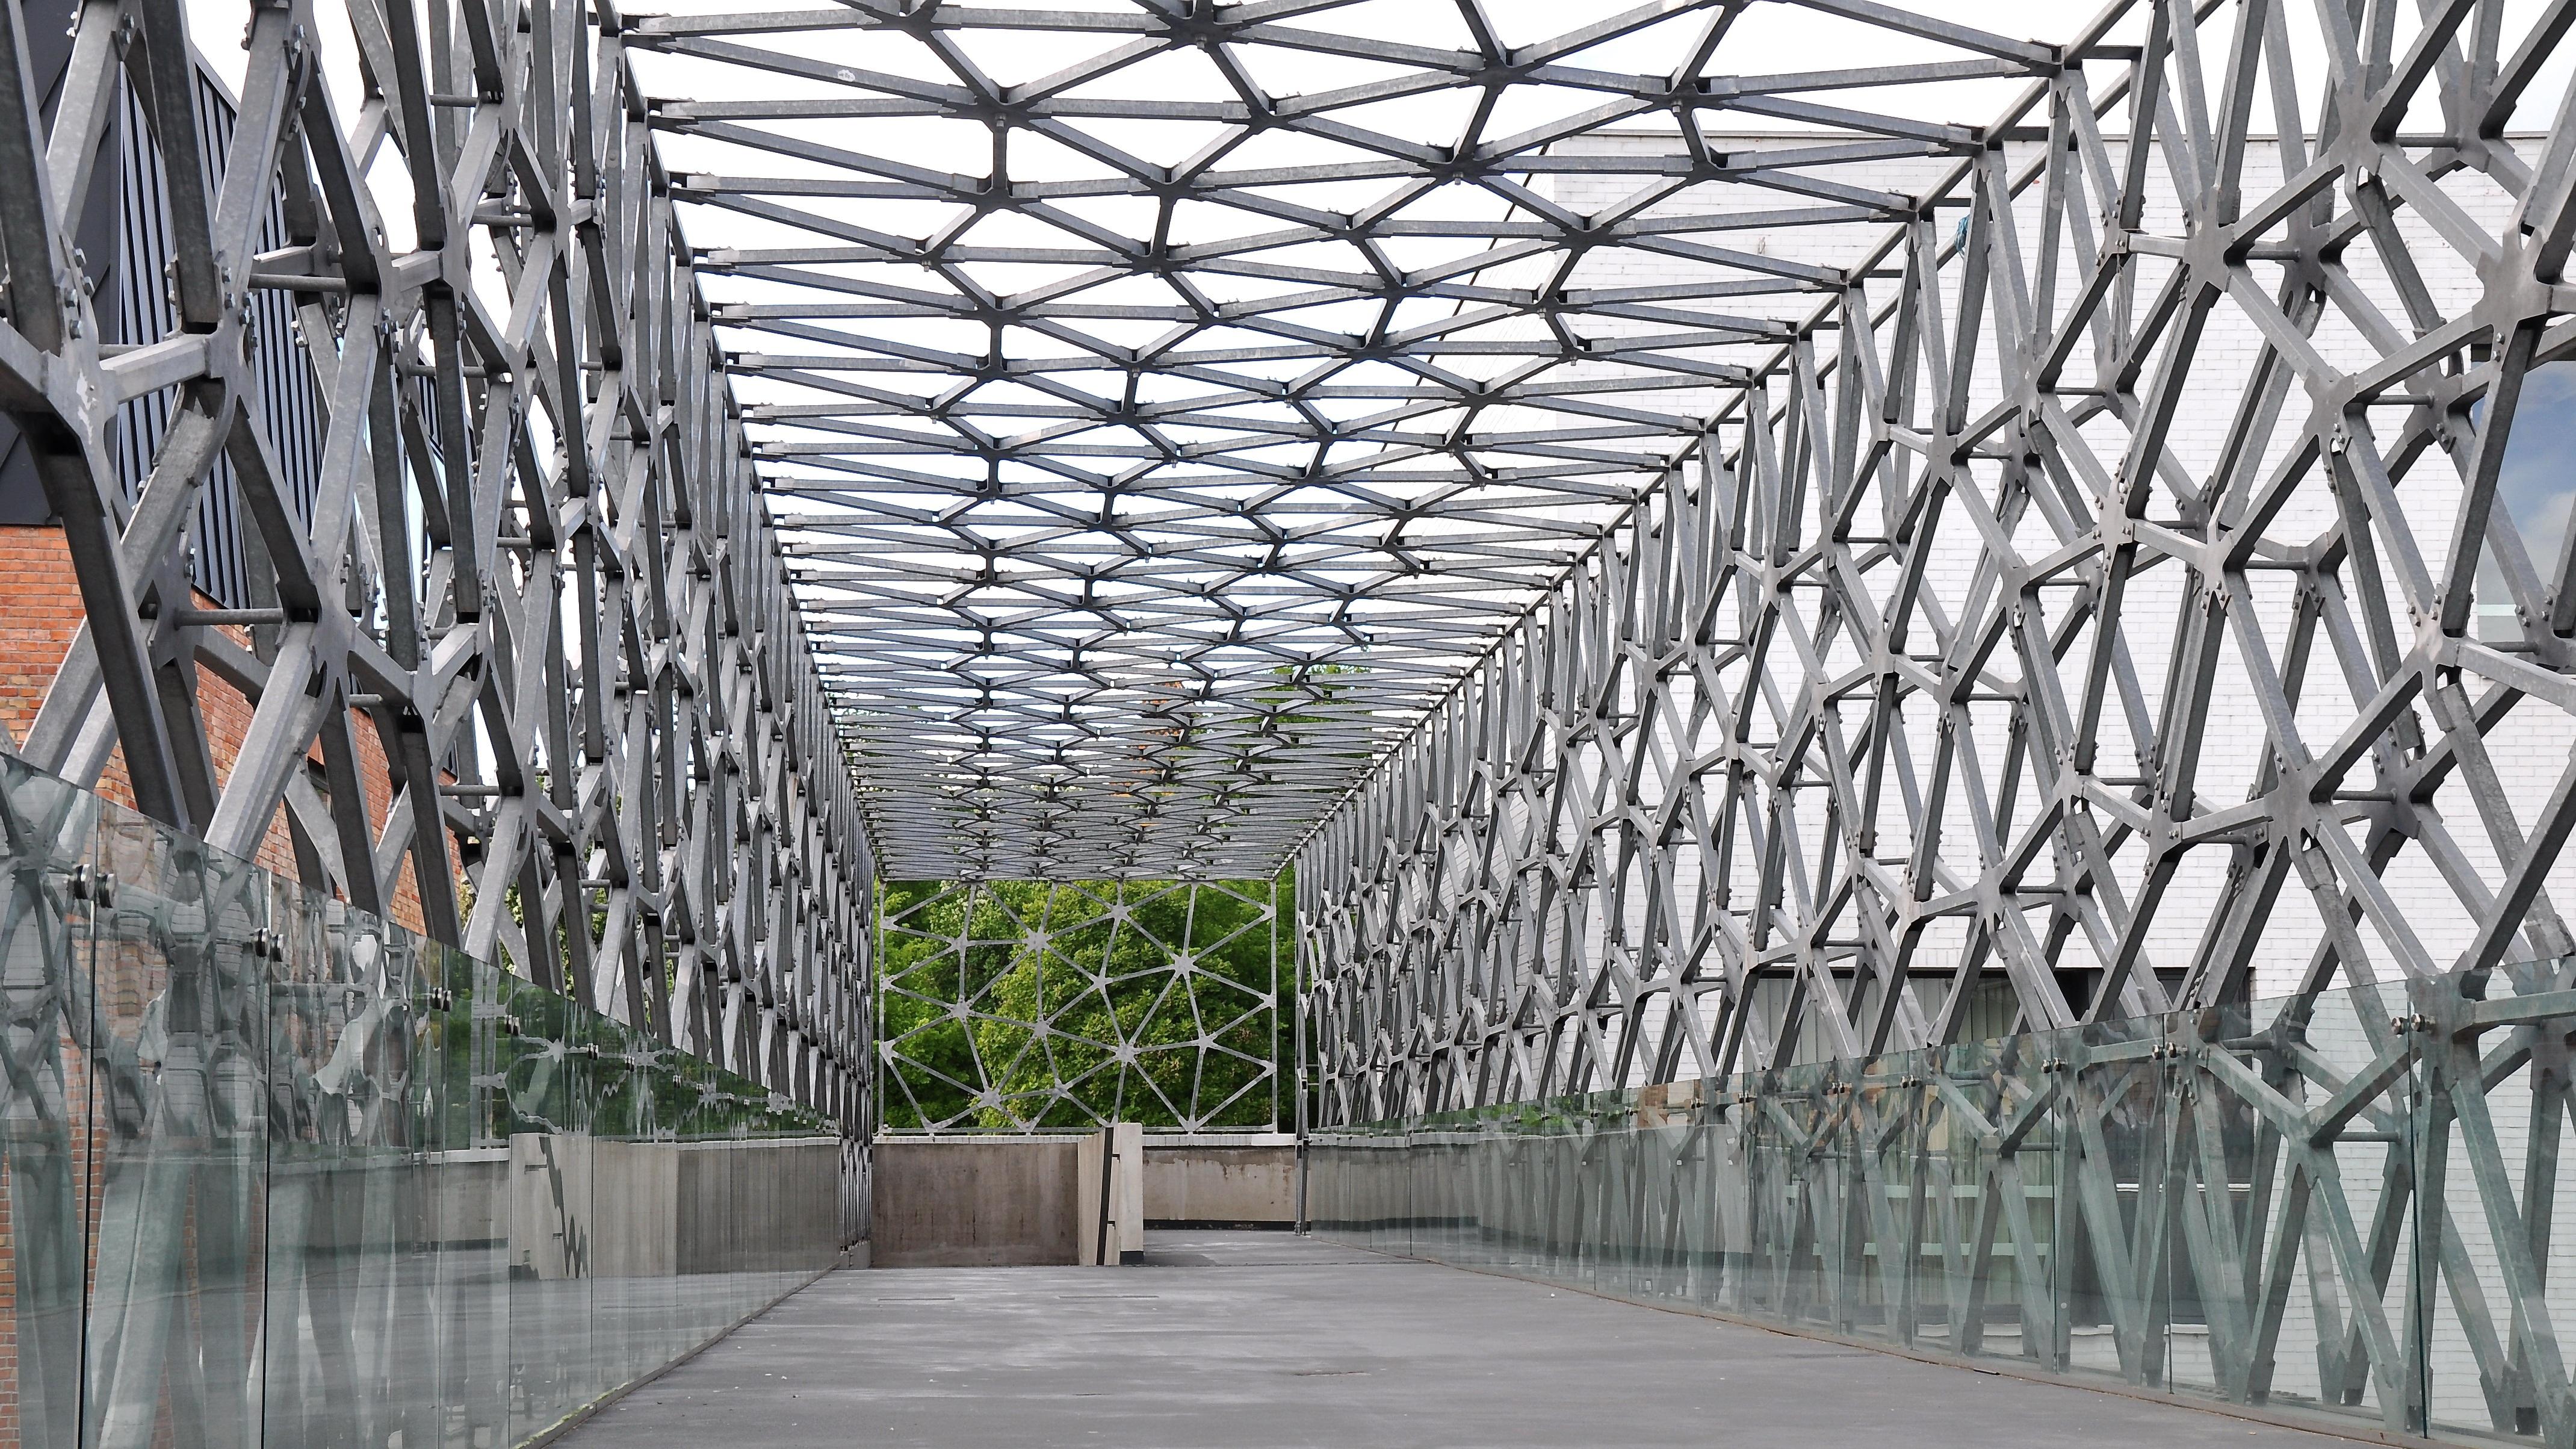 Fassade Architektur kostenlose foto zaun die architektur struktur fassade